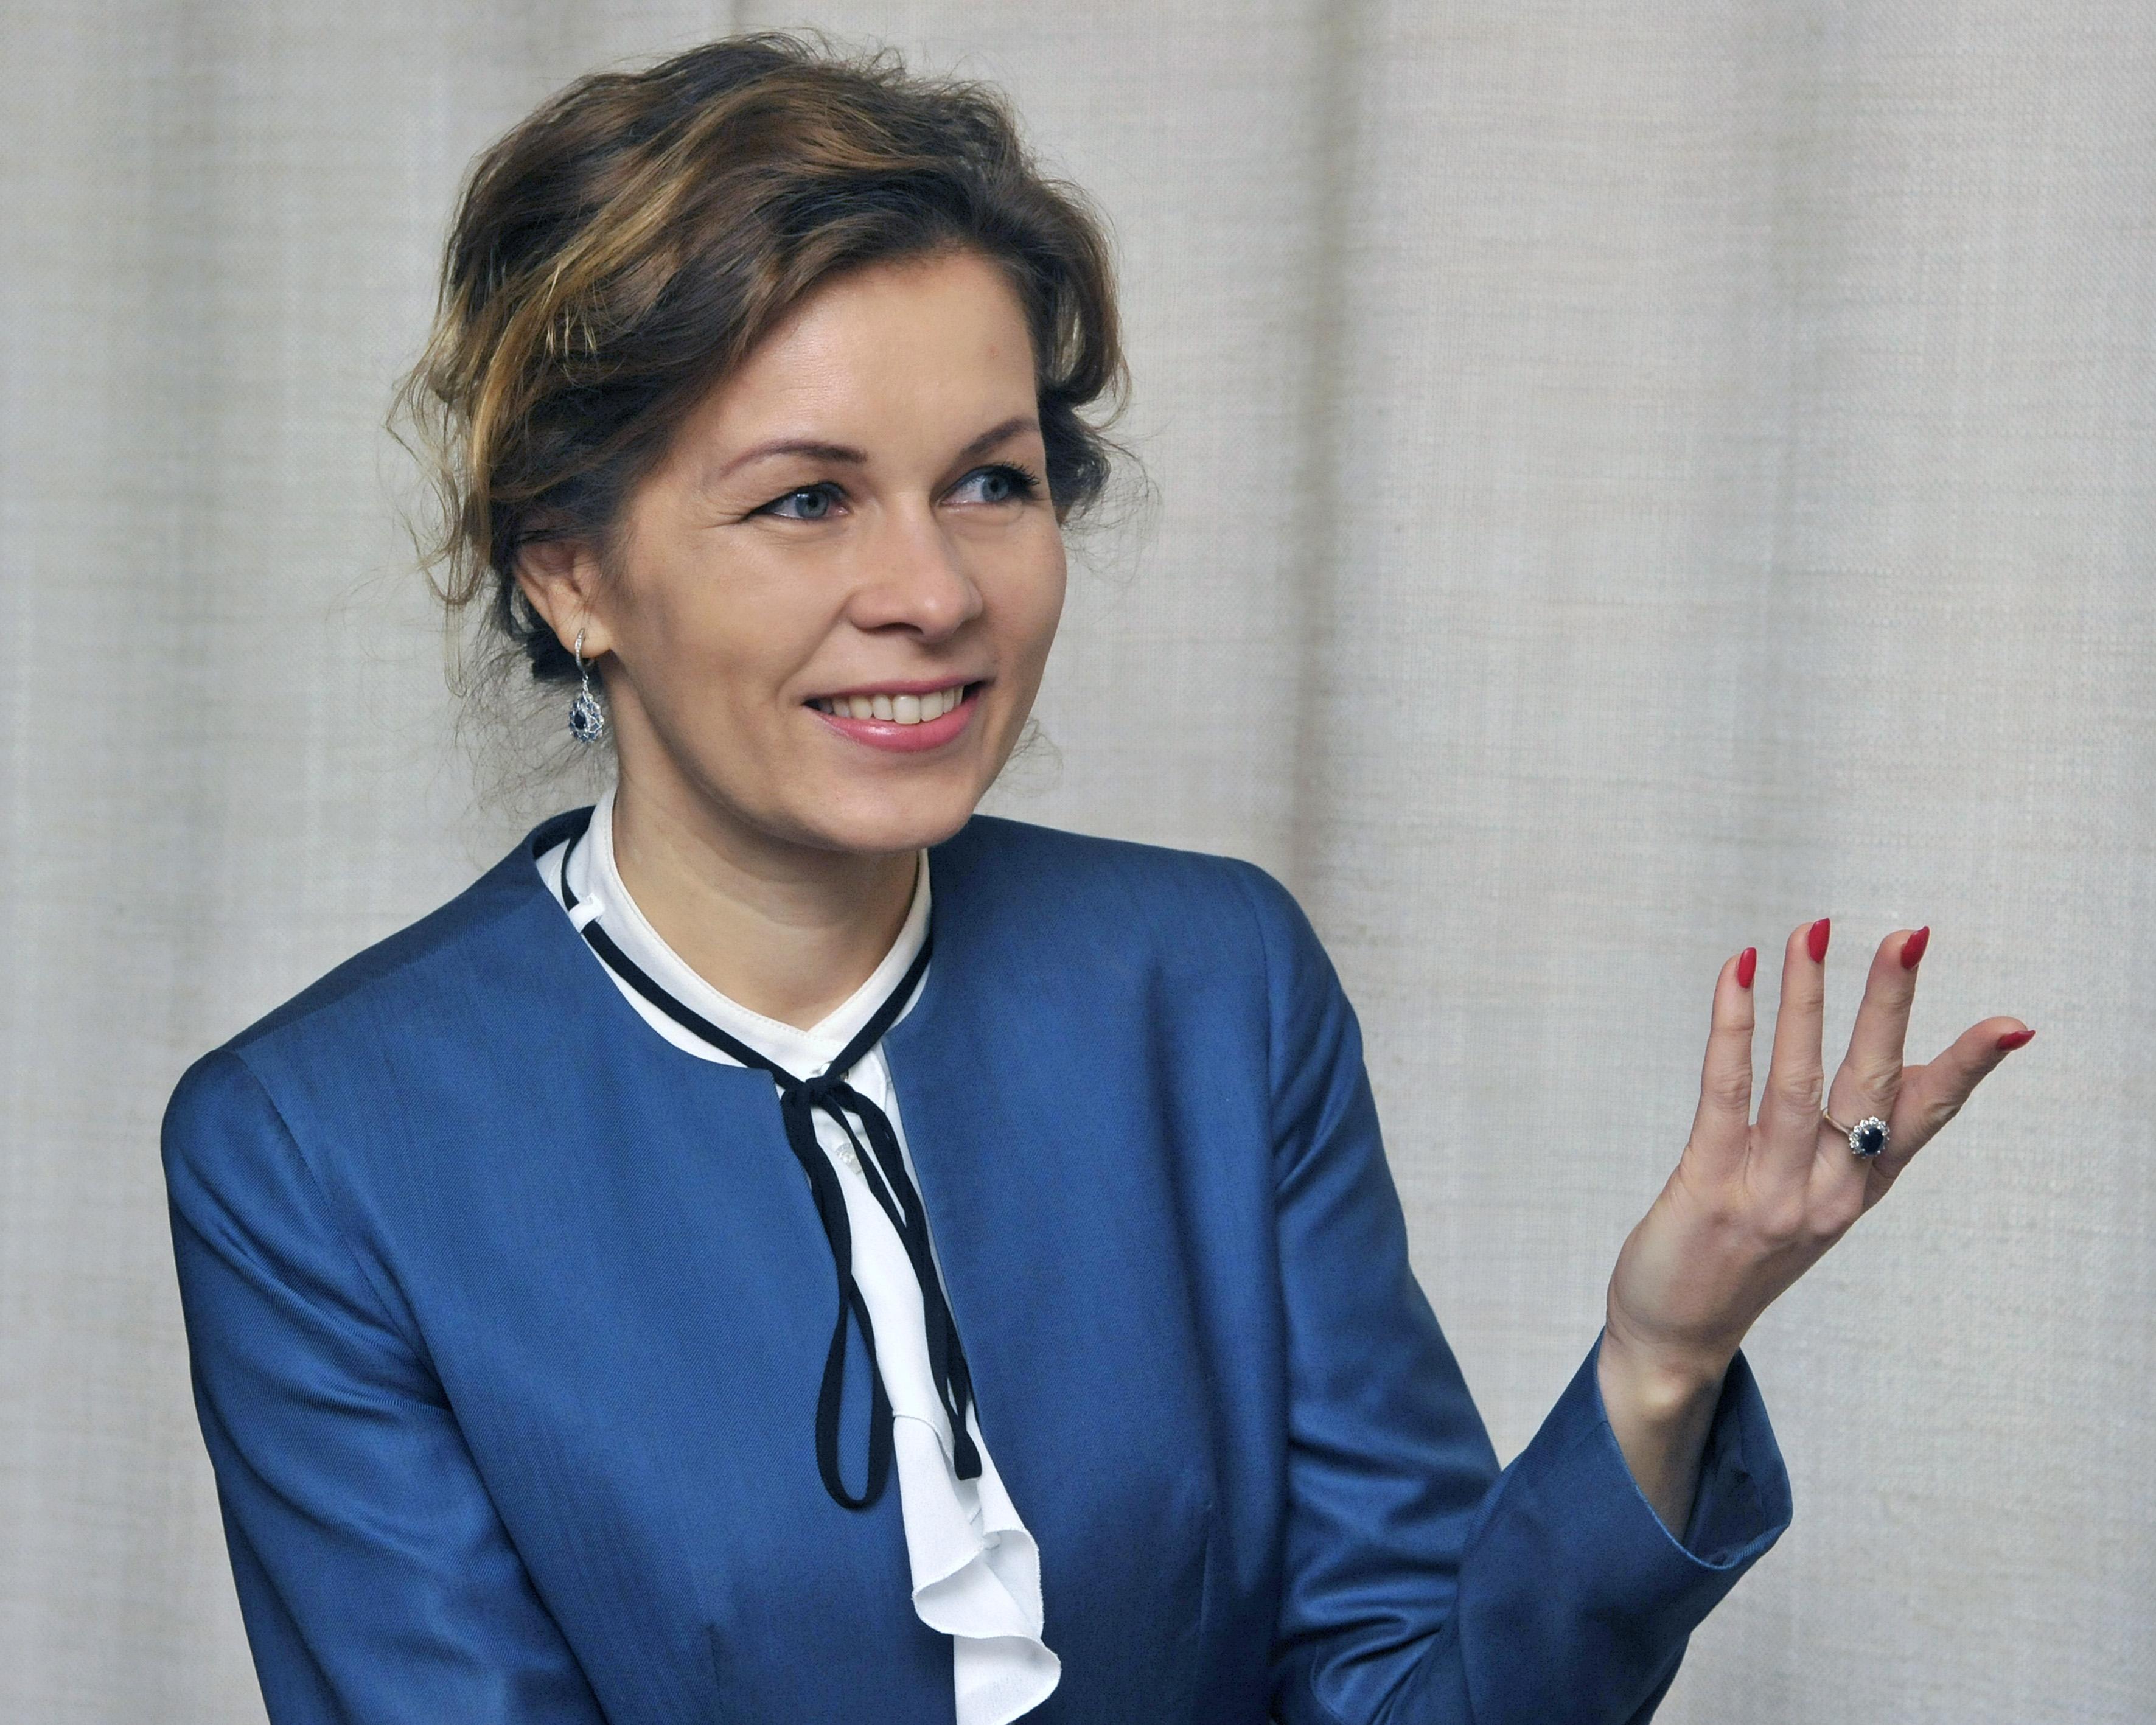 Фото: Александр Крупнов/РБК Петербург